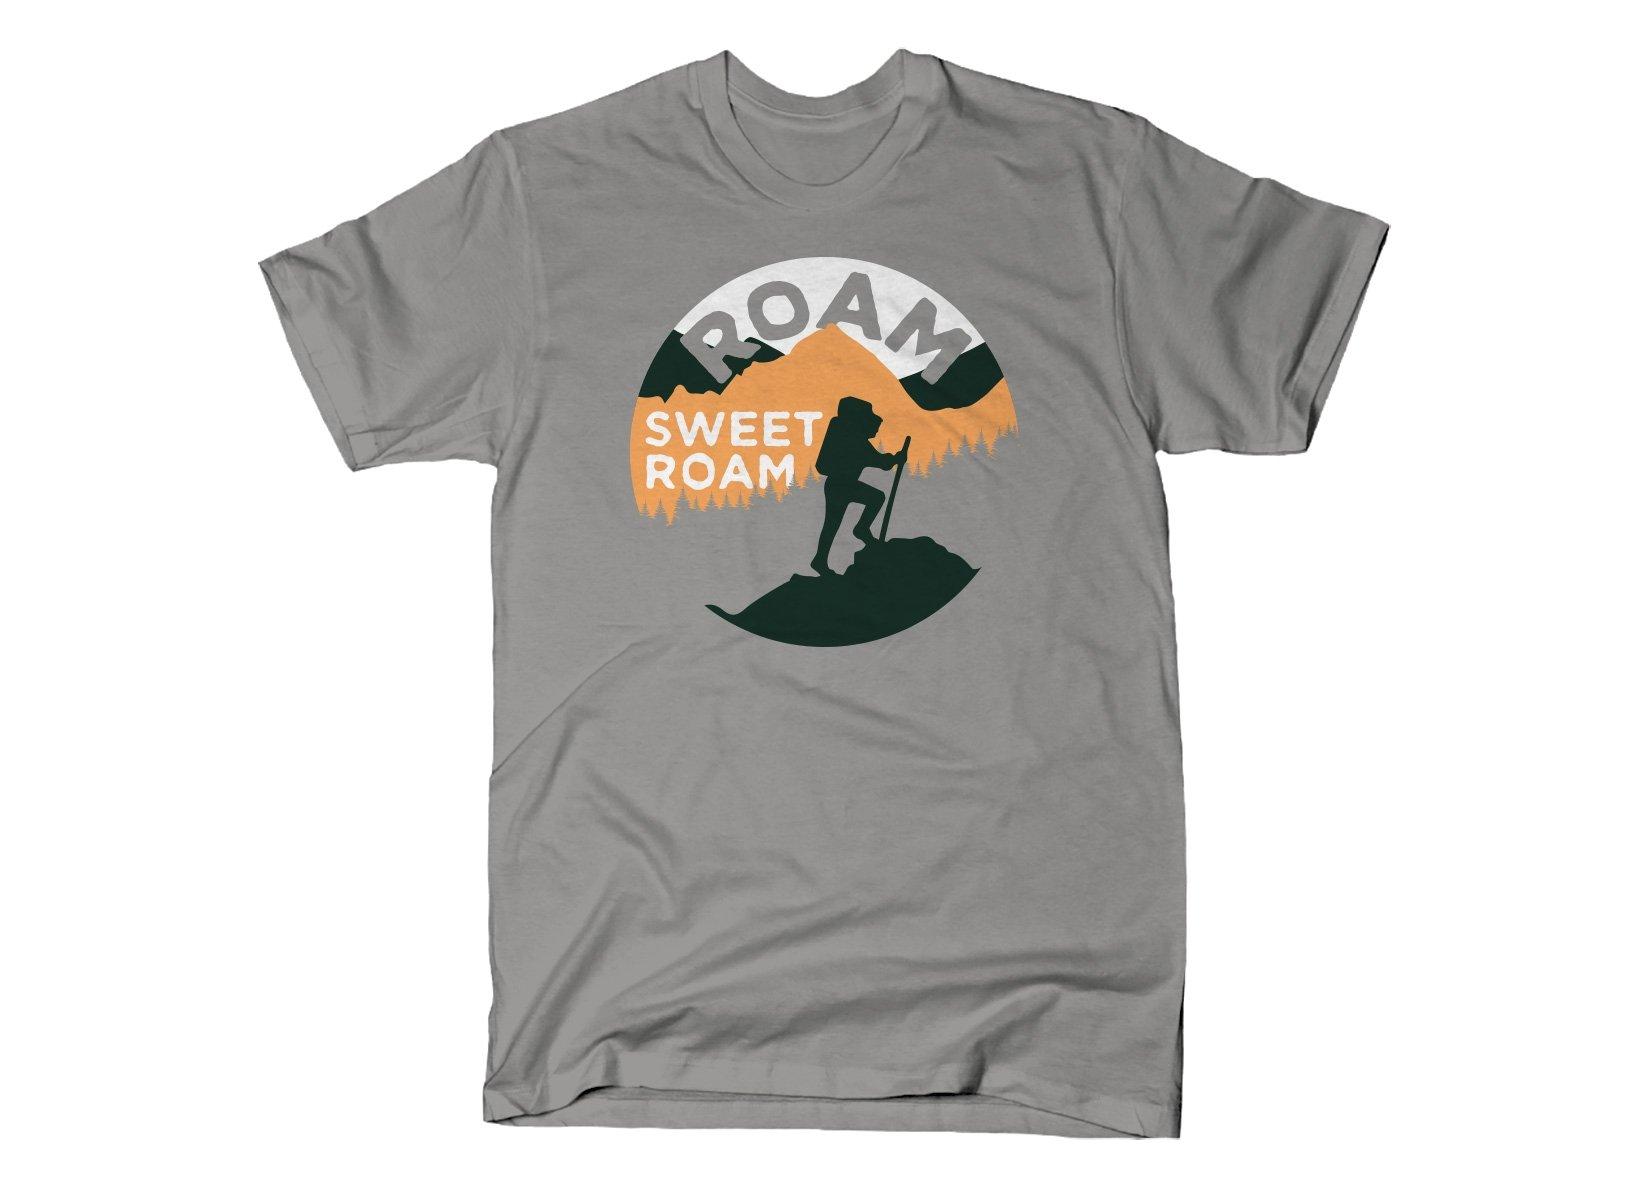 Roam Sweet Roam on Mens T-Shirt